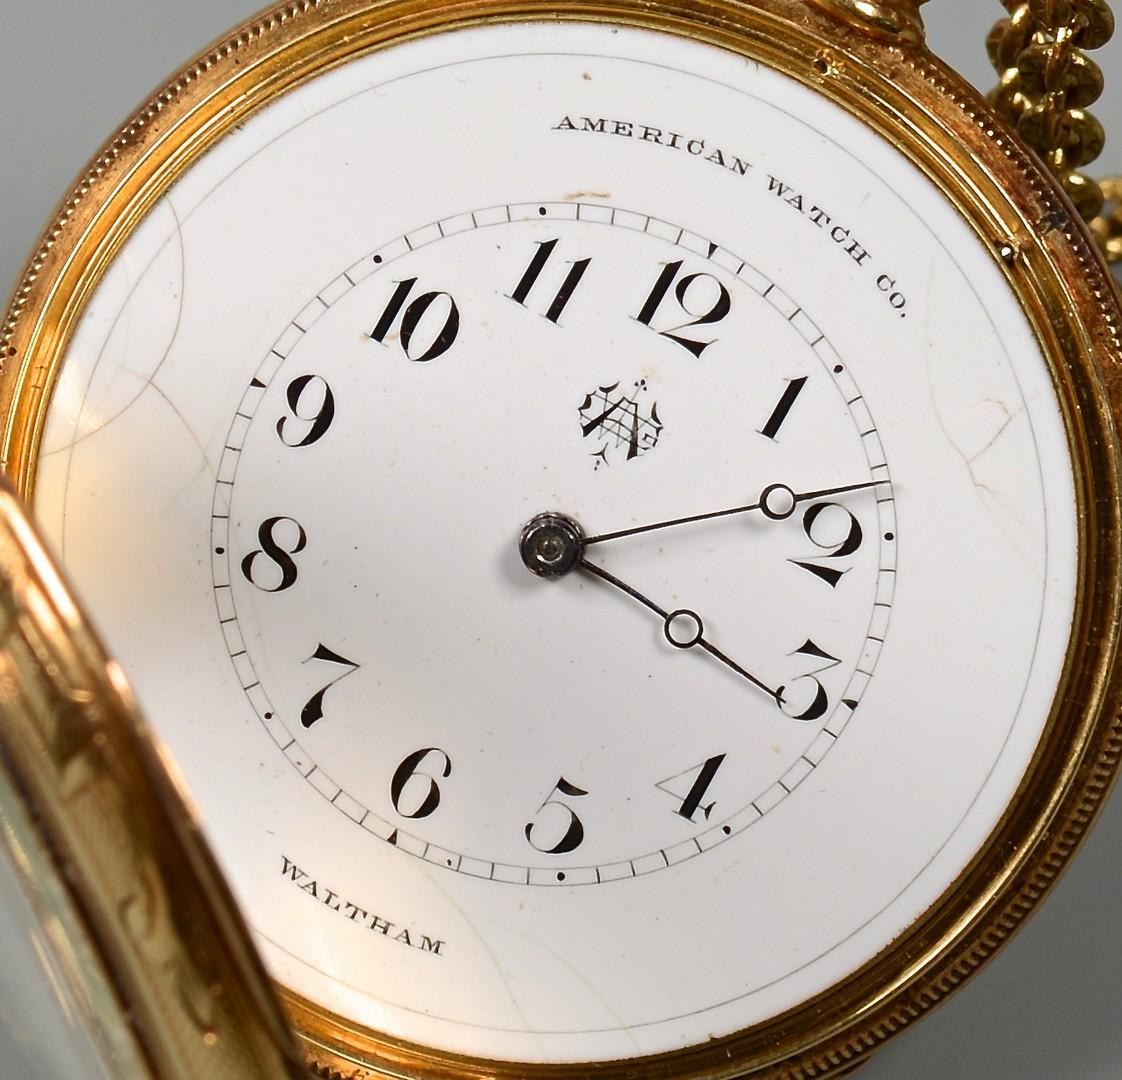 Lot 92: 18K Waltham Lady's Pocket Watch